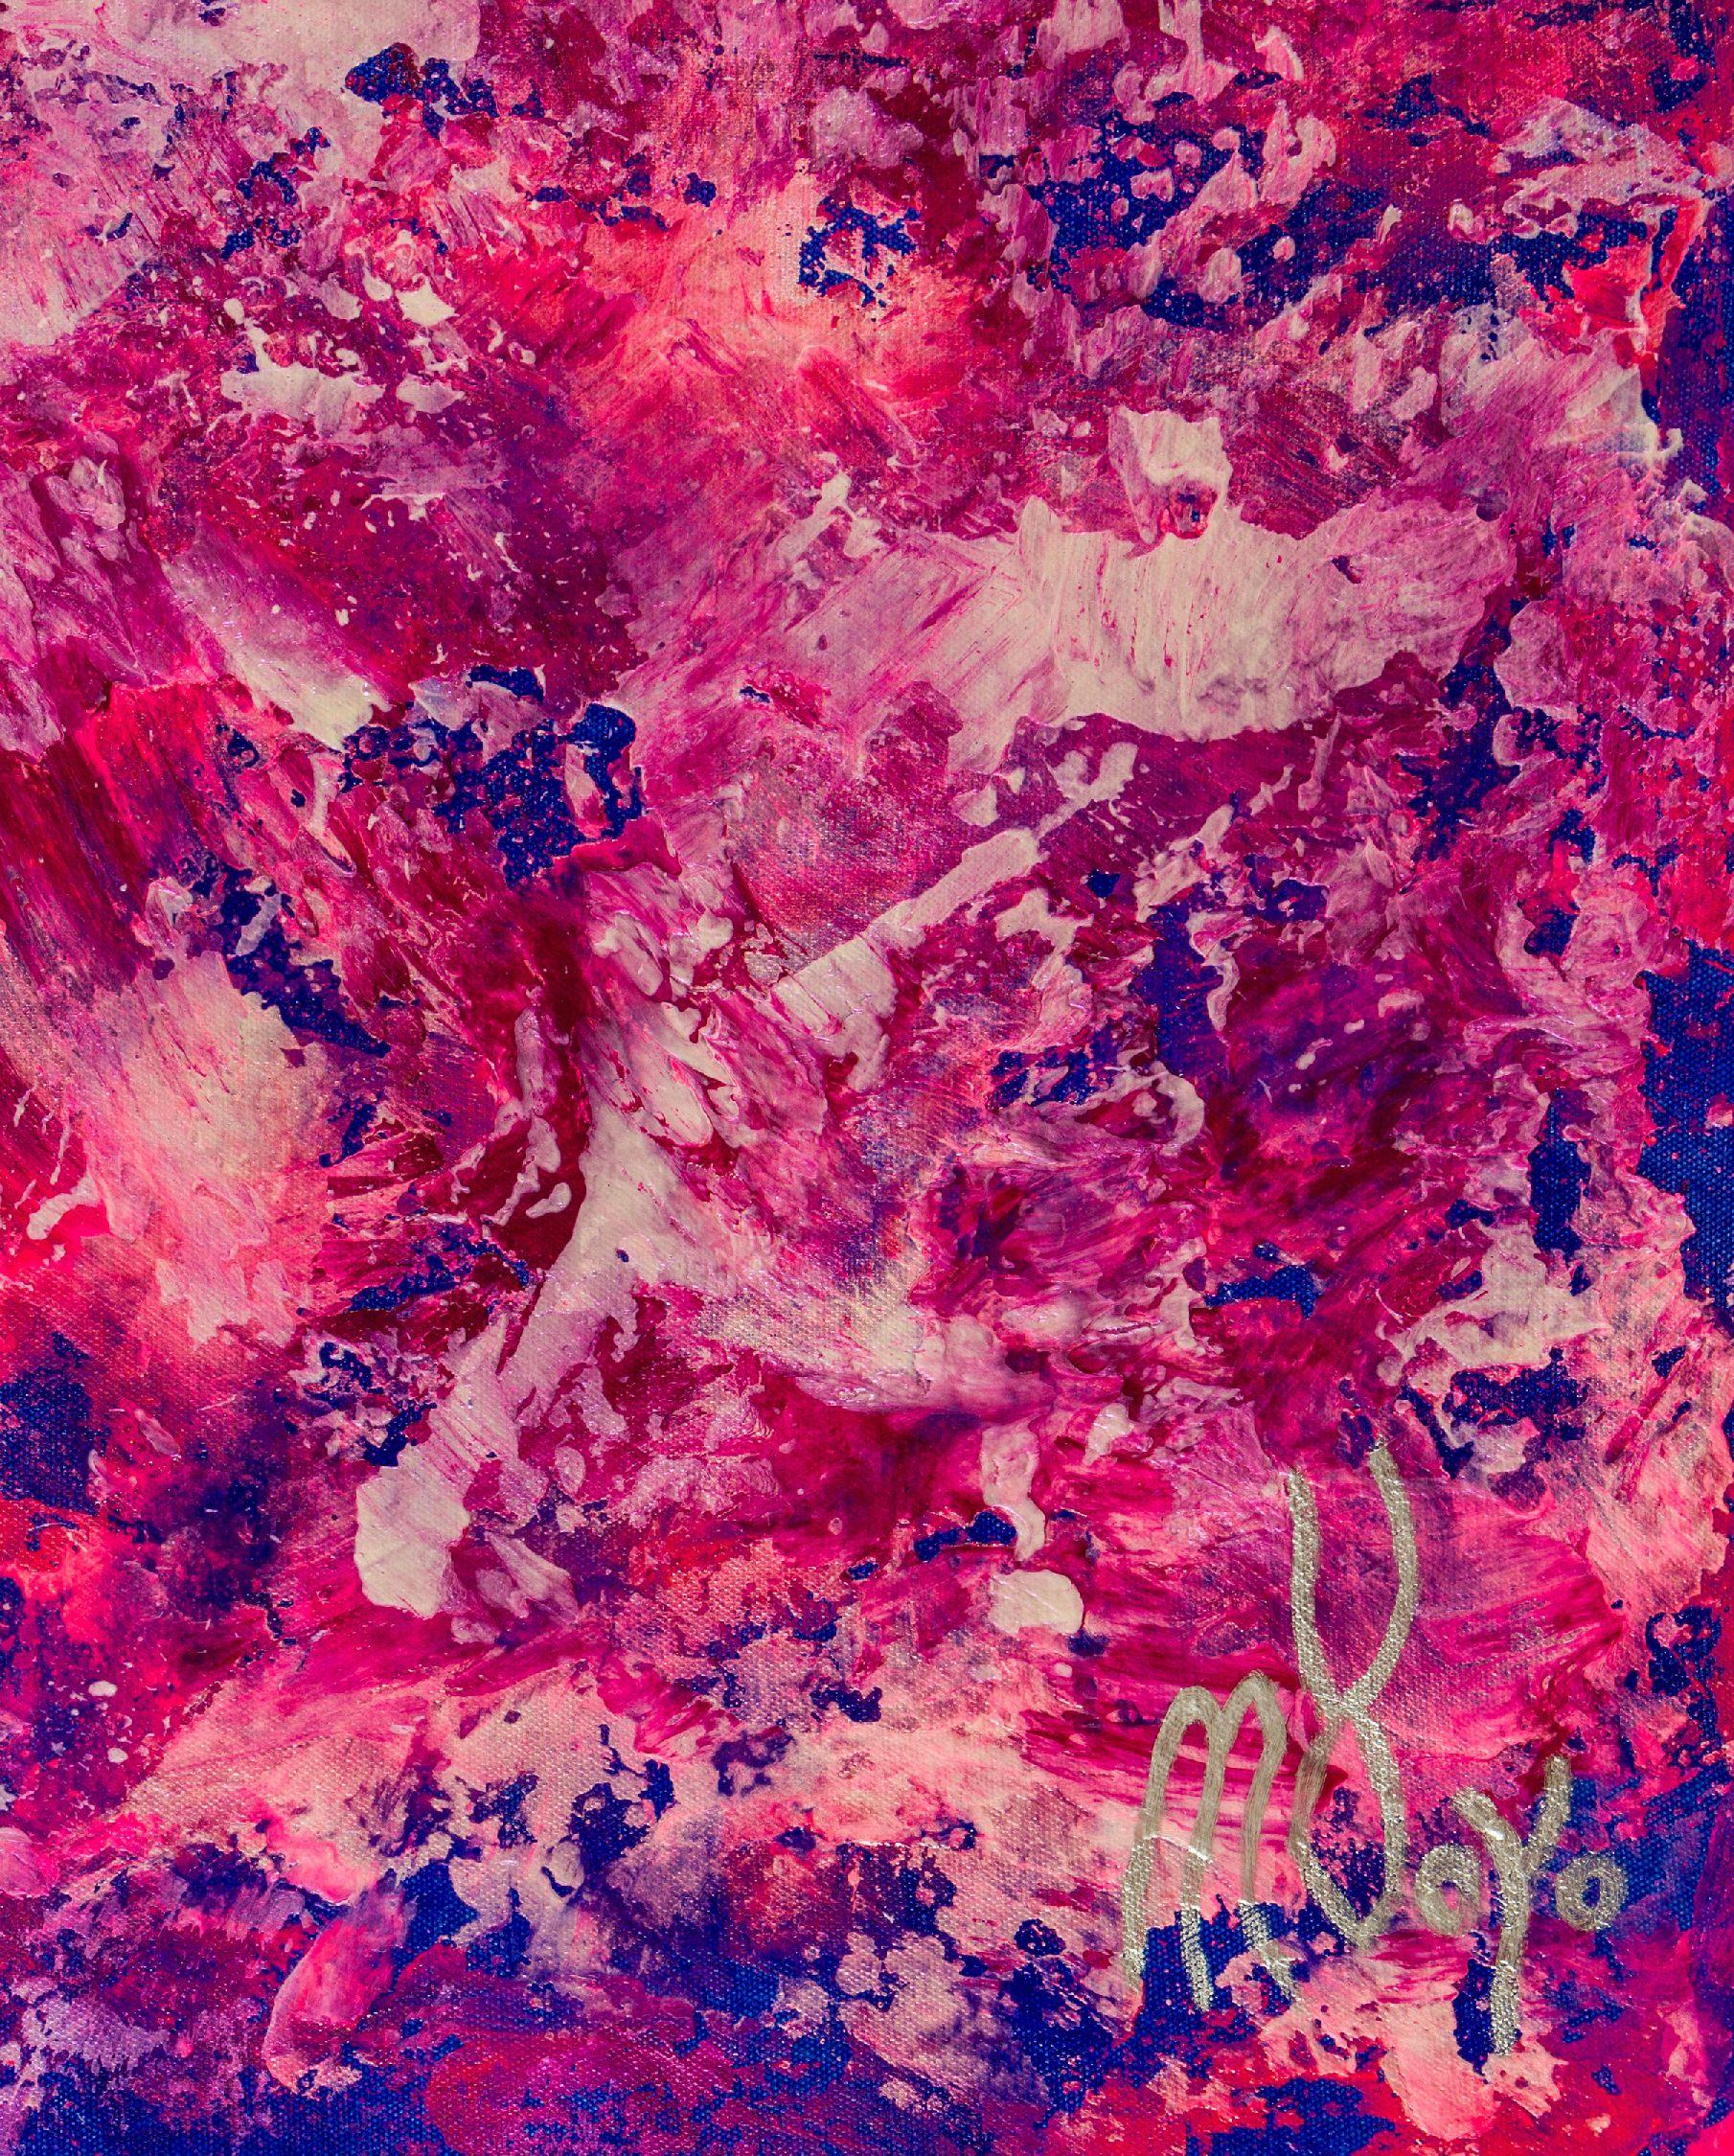 Signature - Pink Rush (Takeover) (2020) by Nestor Toro